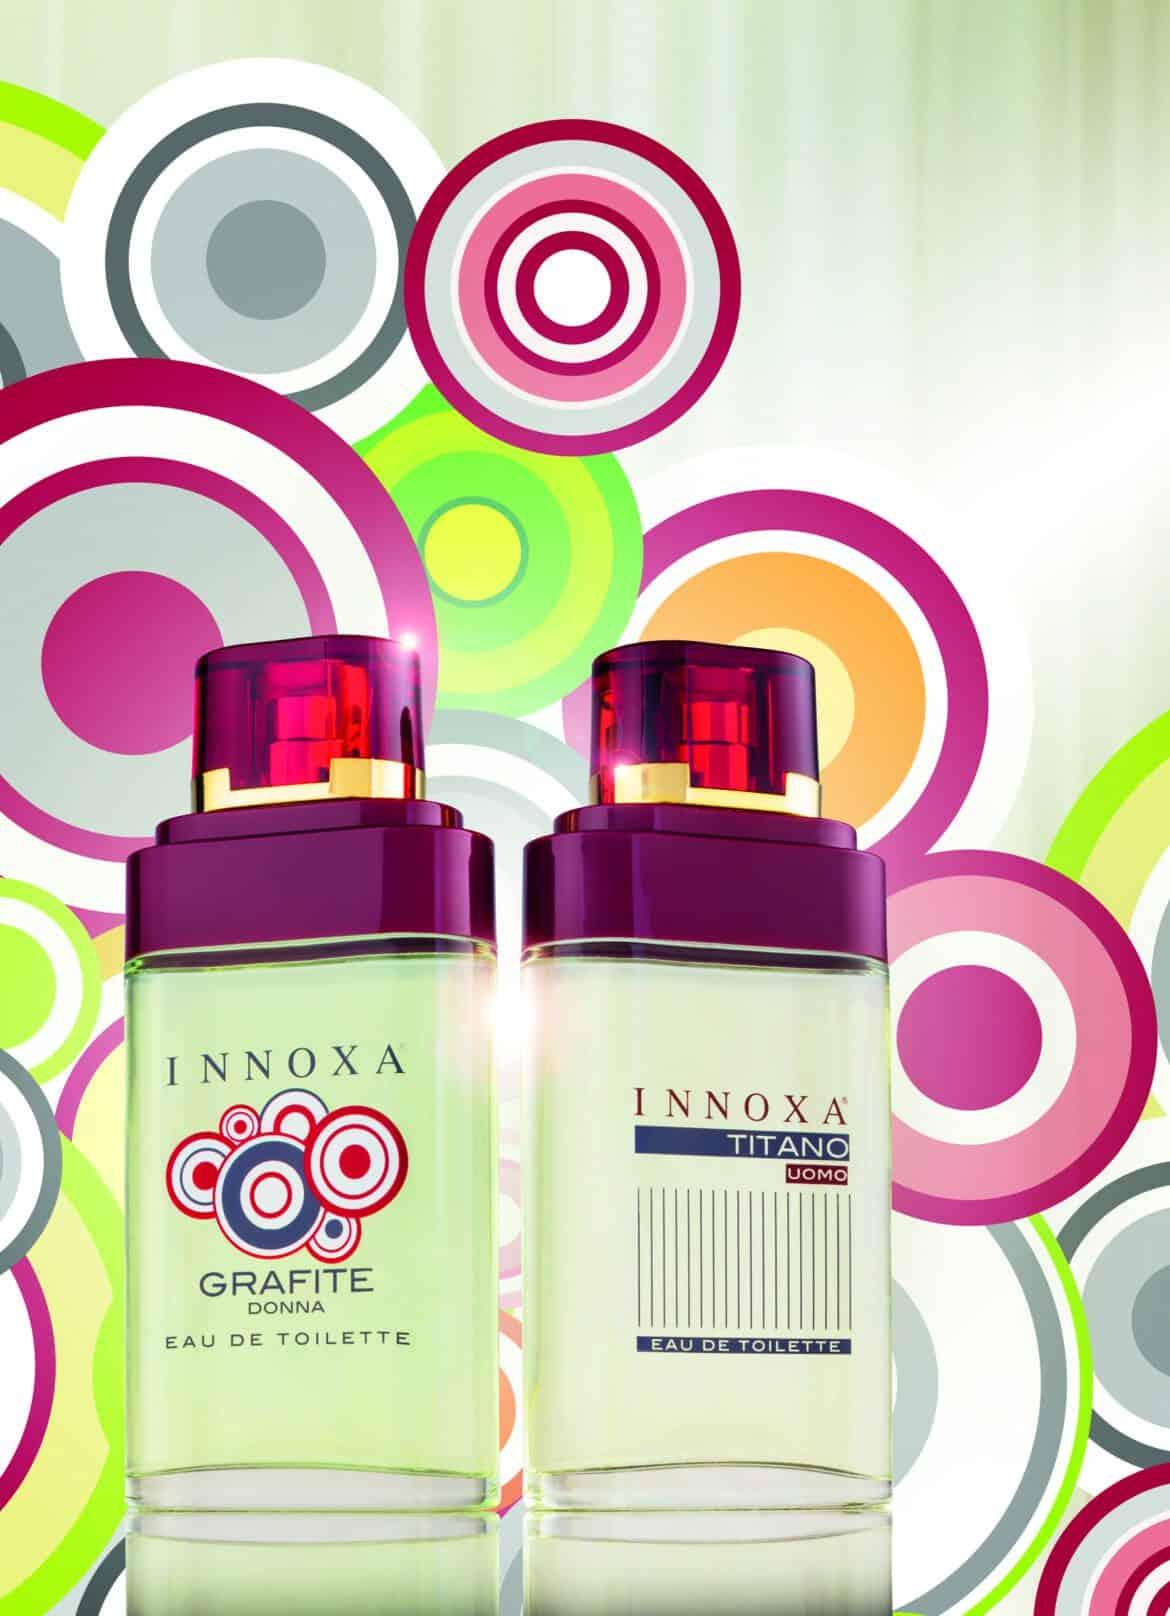 Titano e Grafite: le due fragranze Innoxa